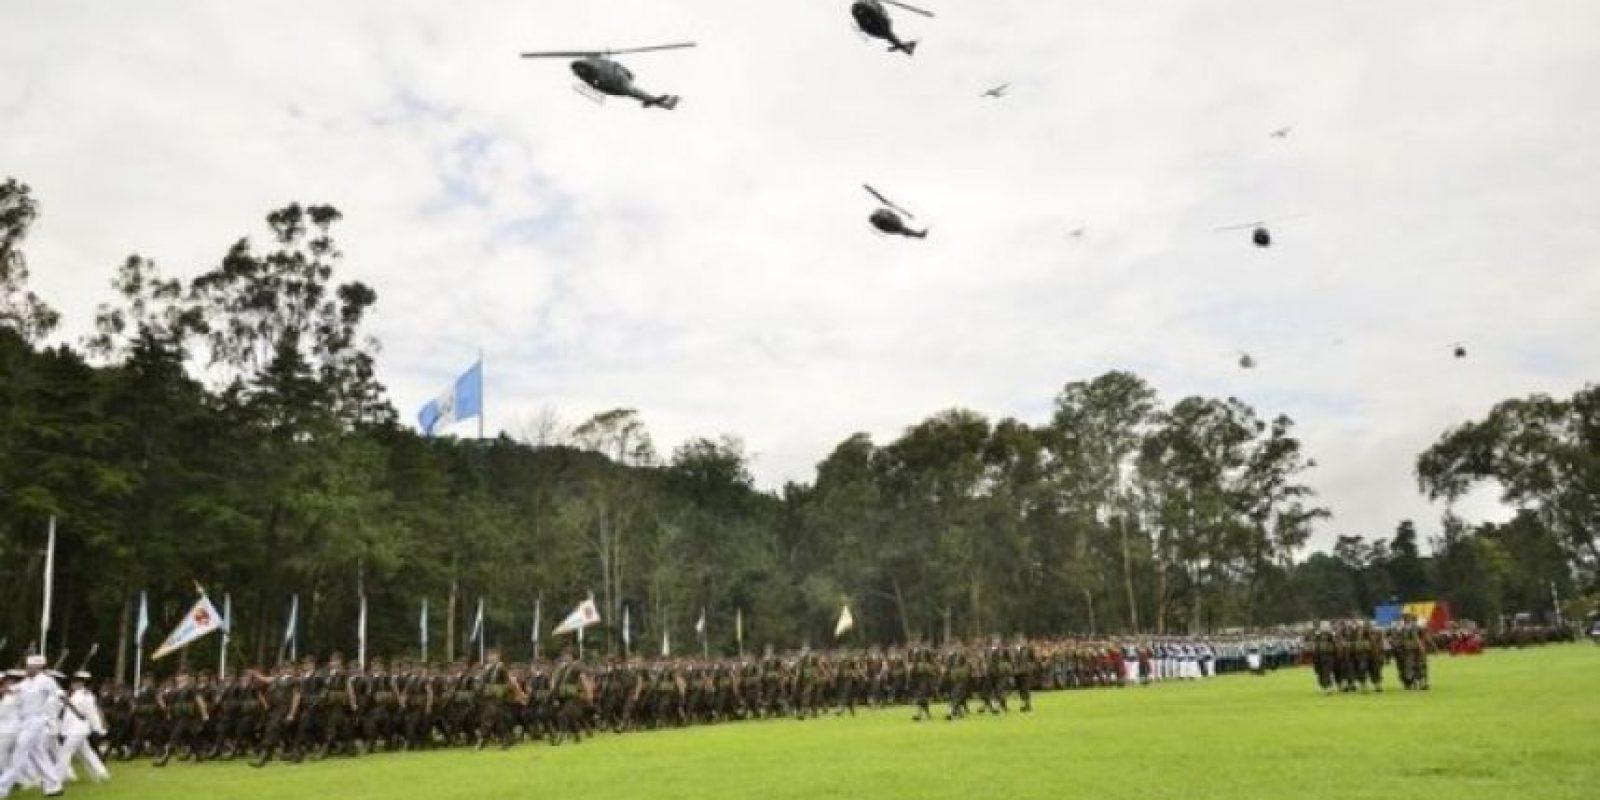 142 años de servicio La conmemoración se realizó en Mariscal Zavala. El aún titular de la Defensa, Ulises Anzueto, ascendió a seis militares al grado de generales. Las tropas marcharon y realizaron distintas demostraciones.